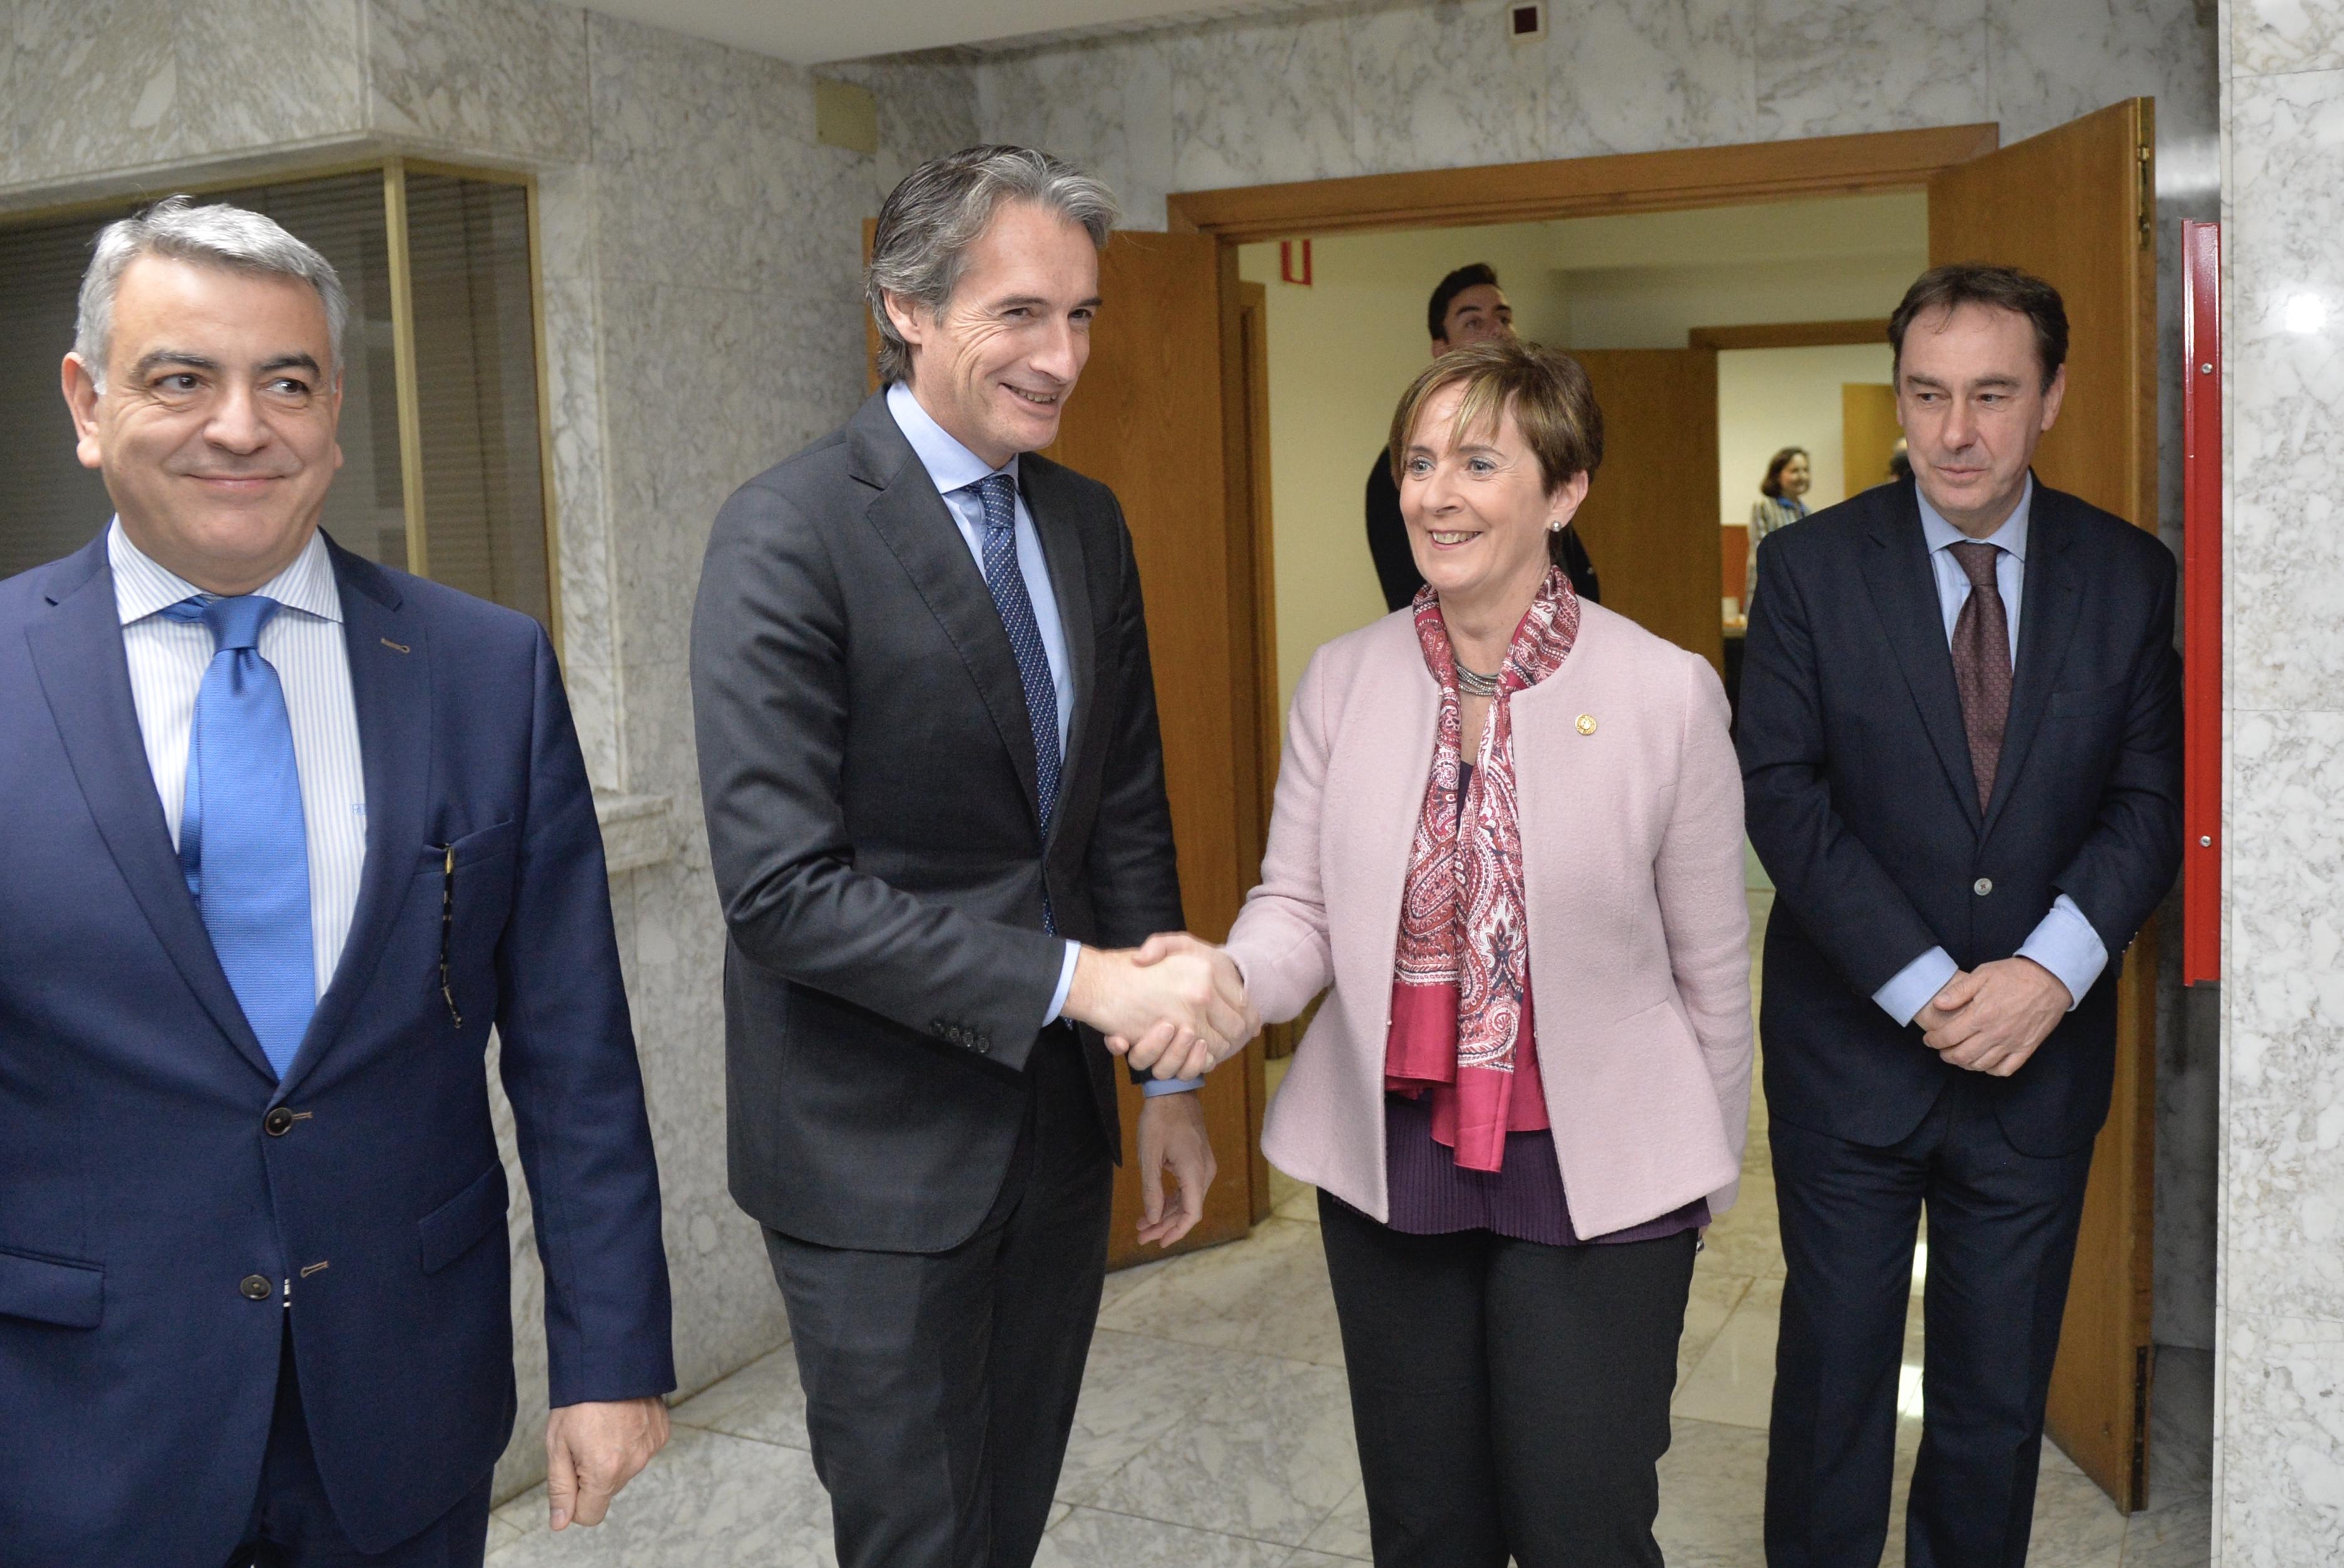 La garantía de una conexión de ancho europeo para mercancías entre Gasteiz y Burgos contribuirá a la competitividad de la Industria Vasca